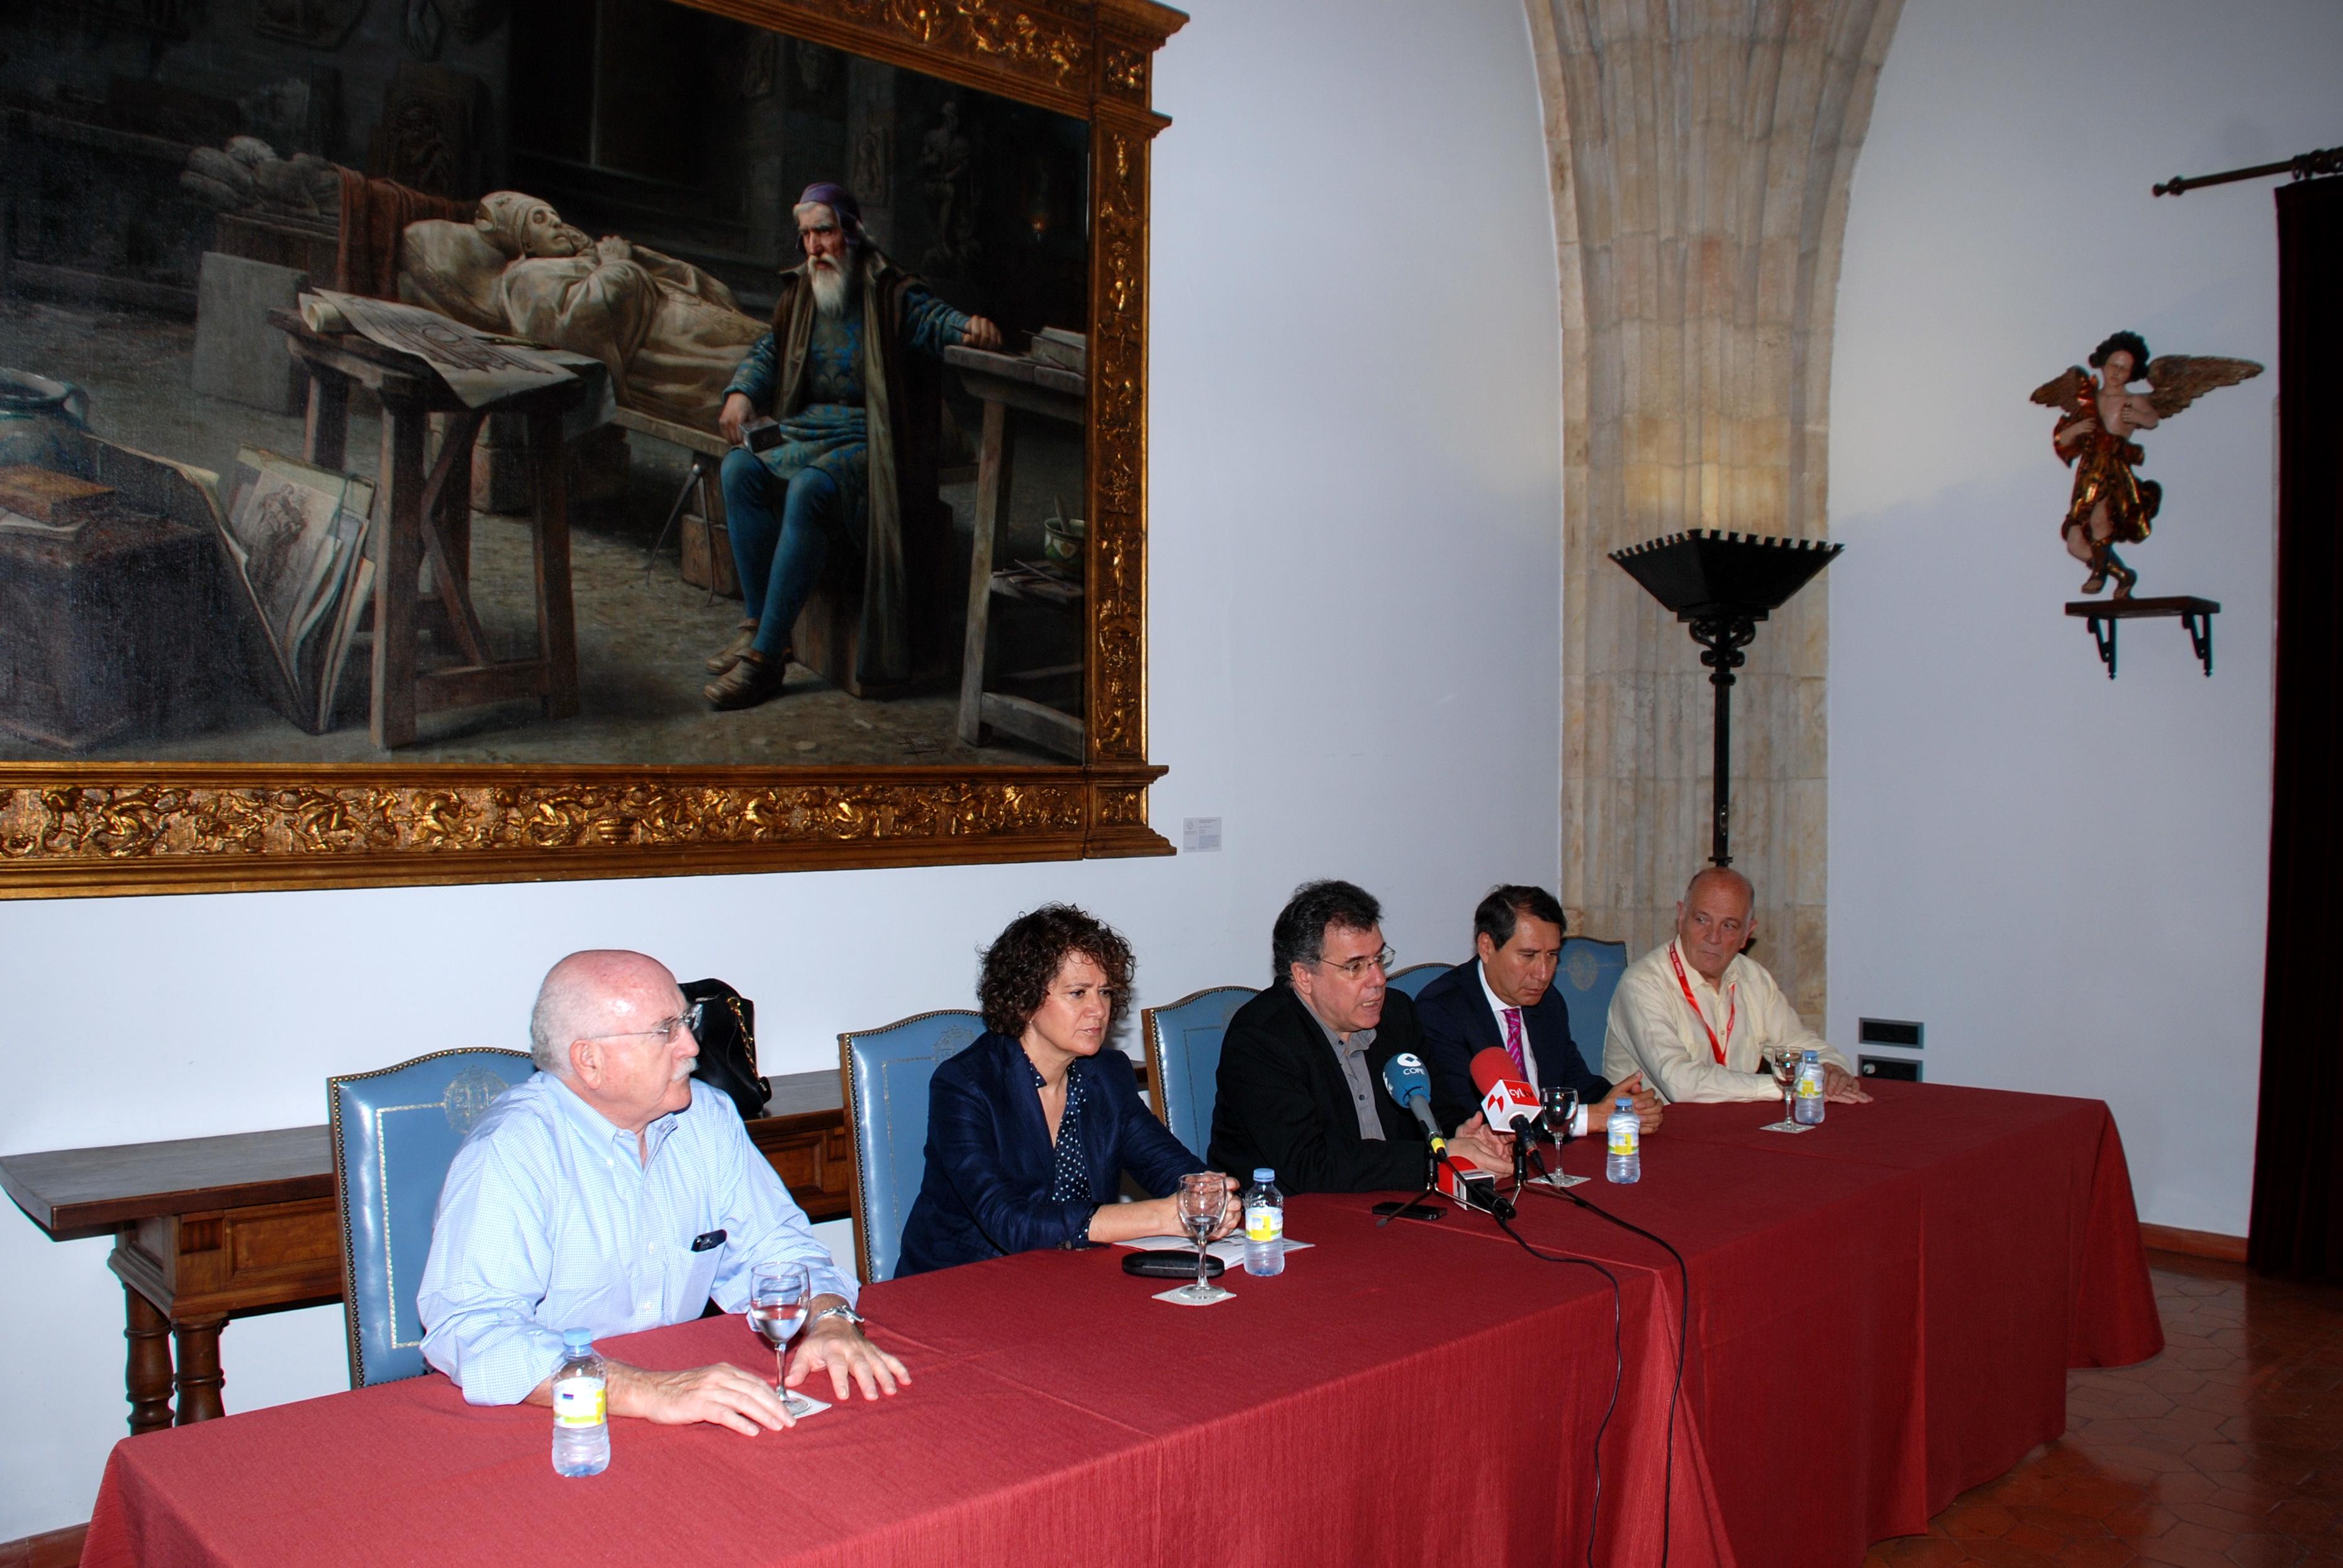 La Universidad acoge las reuniones de los órganos de gobierno de la Facultad Latinoamericana de Ciencias Sociales (FLACSO)